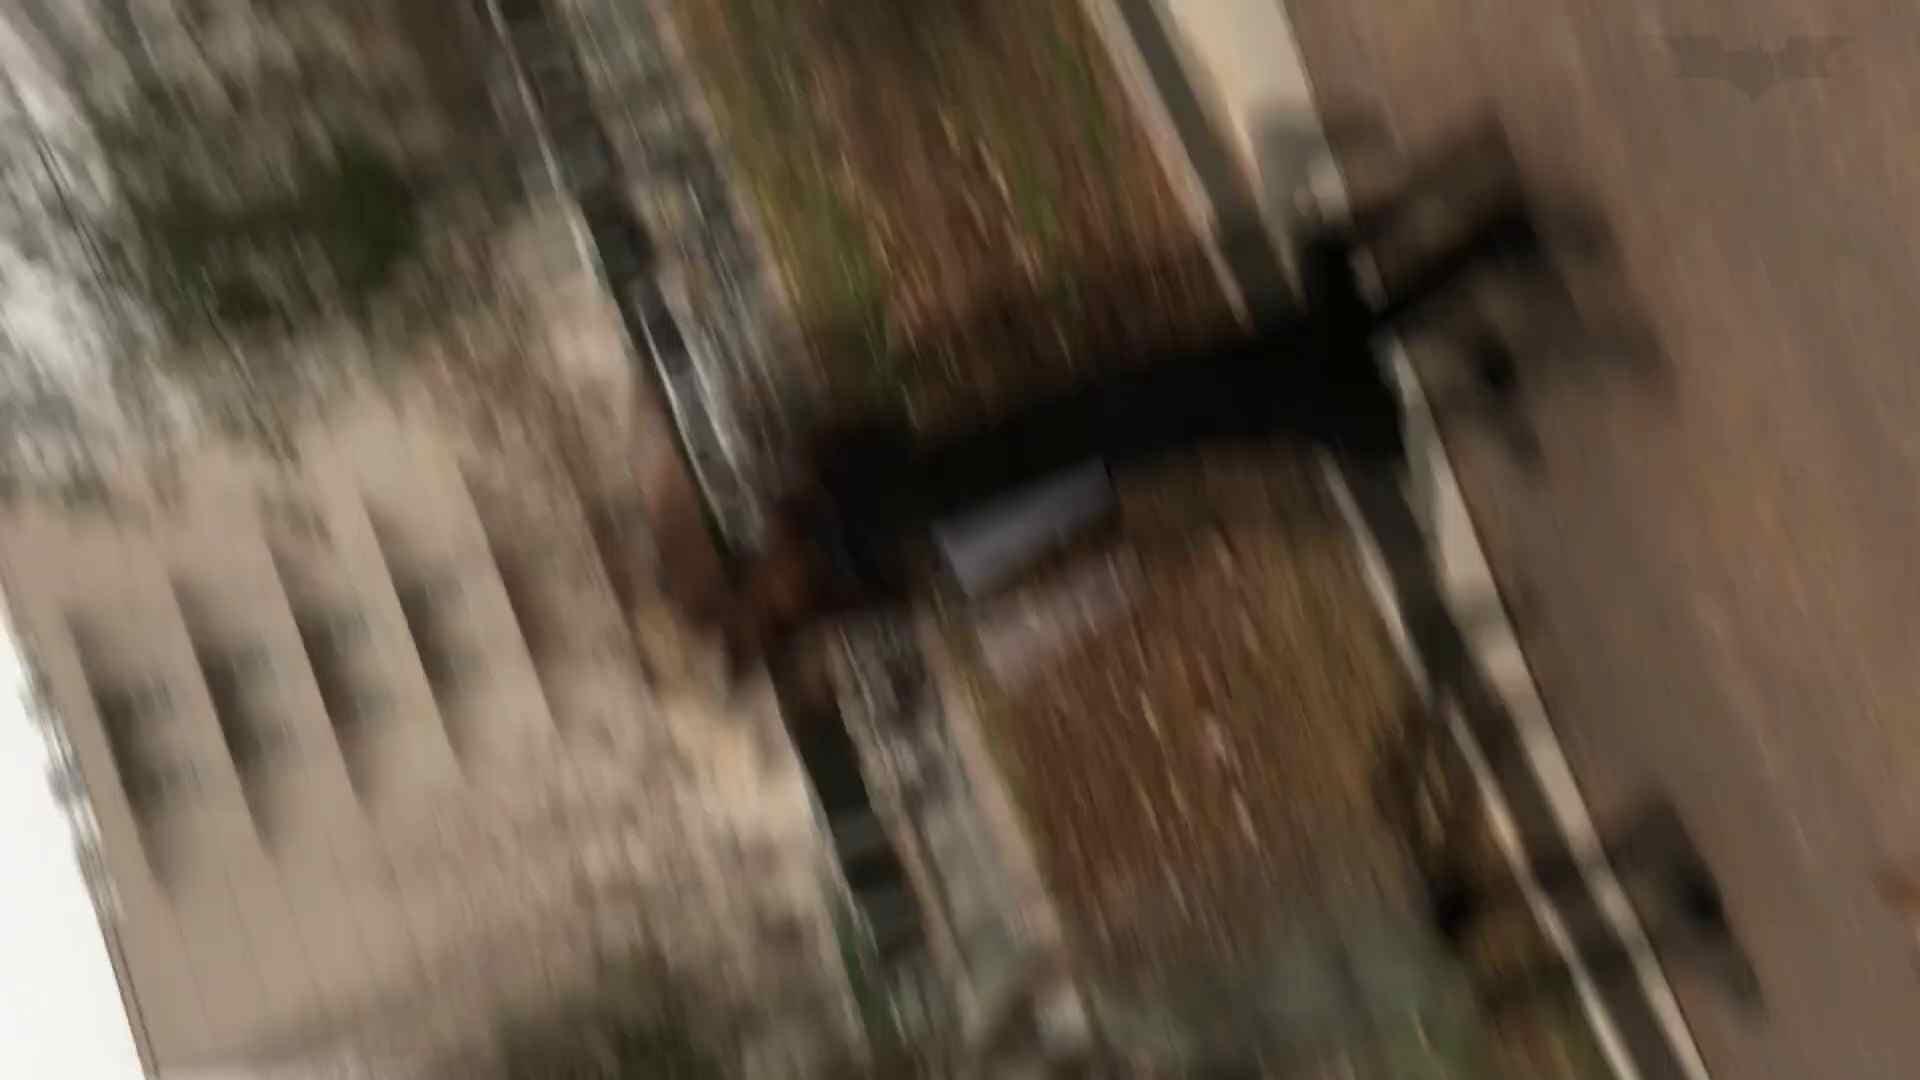 芸術大学ガチ潜入盗撮 JD盗撮 美女の洗面所の秘密 Vol.89 高評価 AV動画キャプチャ 75枚 44